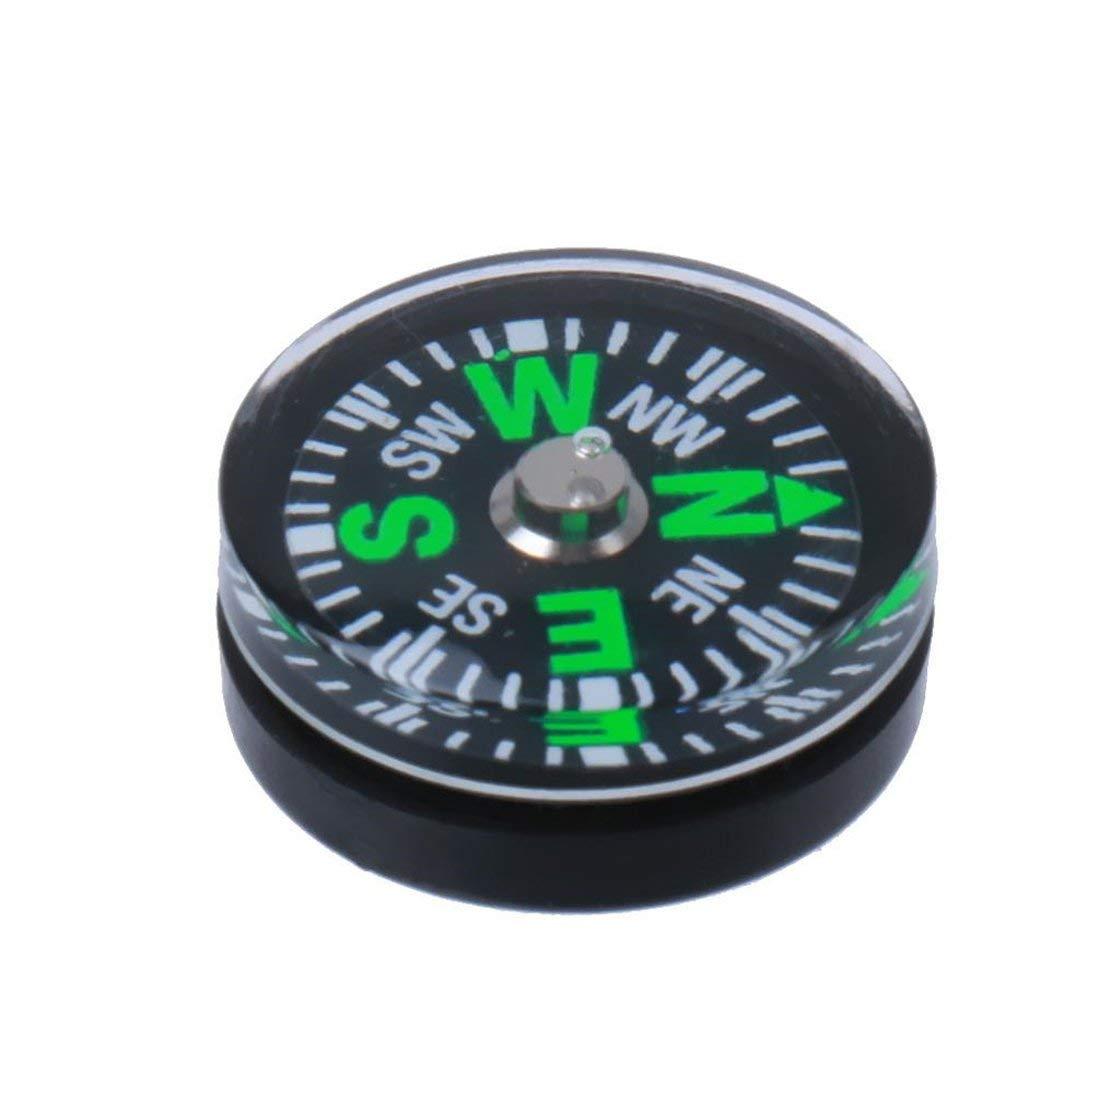 Br/újula Resistente al Agua de pl/ástico de 15 mm comp/ás para Uso al Aire Libre de Instrumentos del veh/ículo Mini comp/ás de navegaci/ón Bola Vida Solitaria